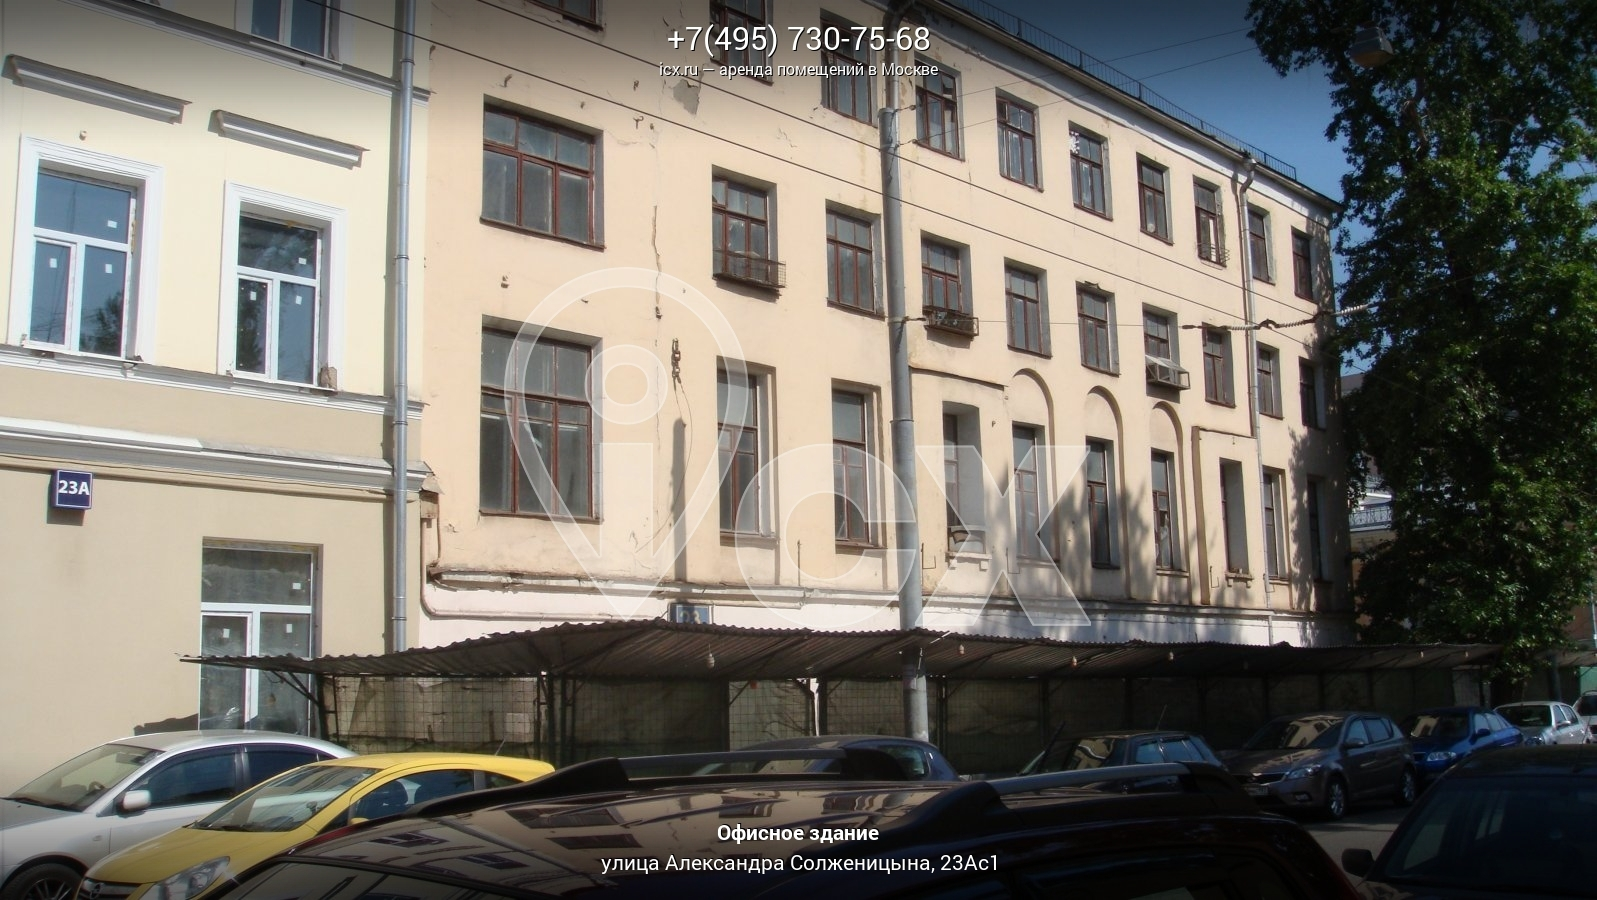 Аренда офиса на солженицына 23a Снять офис в городе Москва Головачева улица